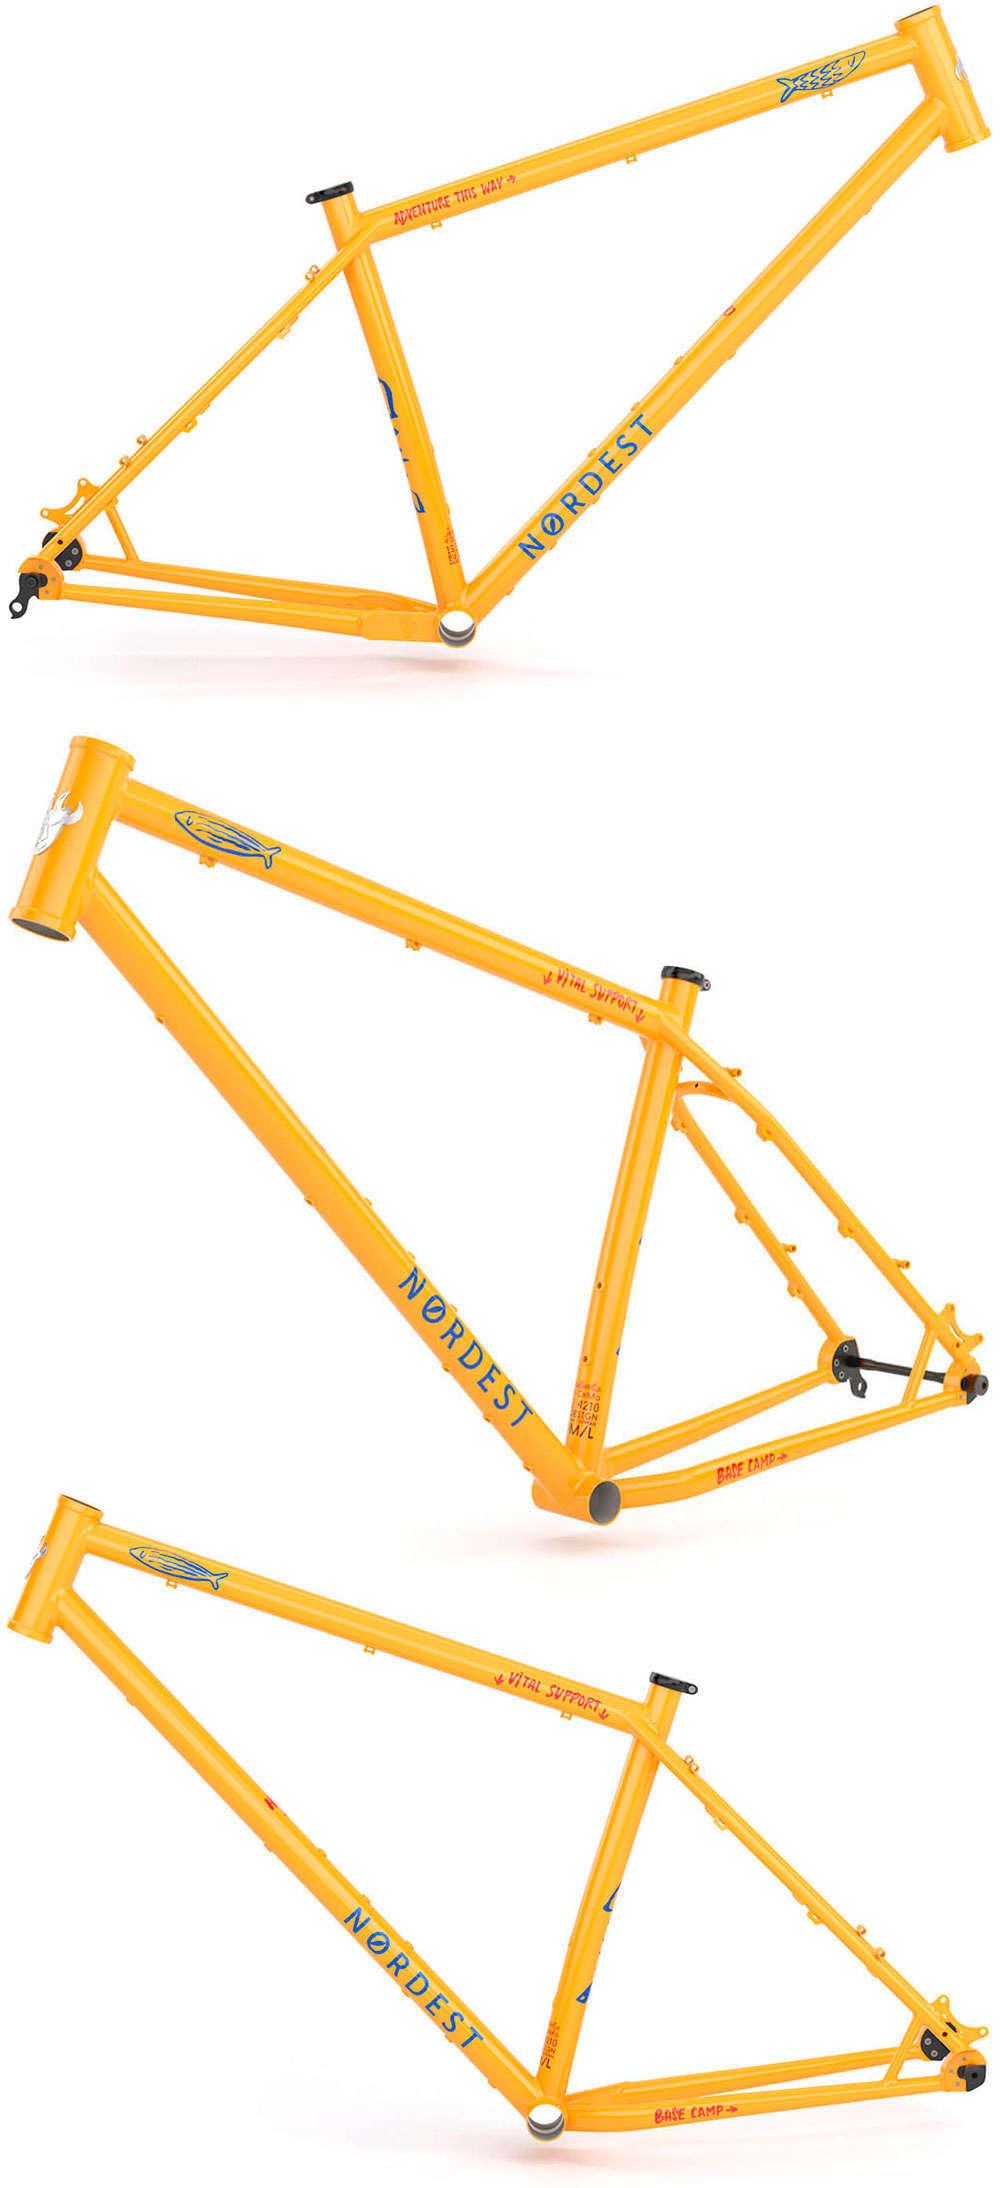 En TodoMountainBike: Nordest Sardinha, una bicicleta aventurera con geometría moderna y cuadro indestructible de acero